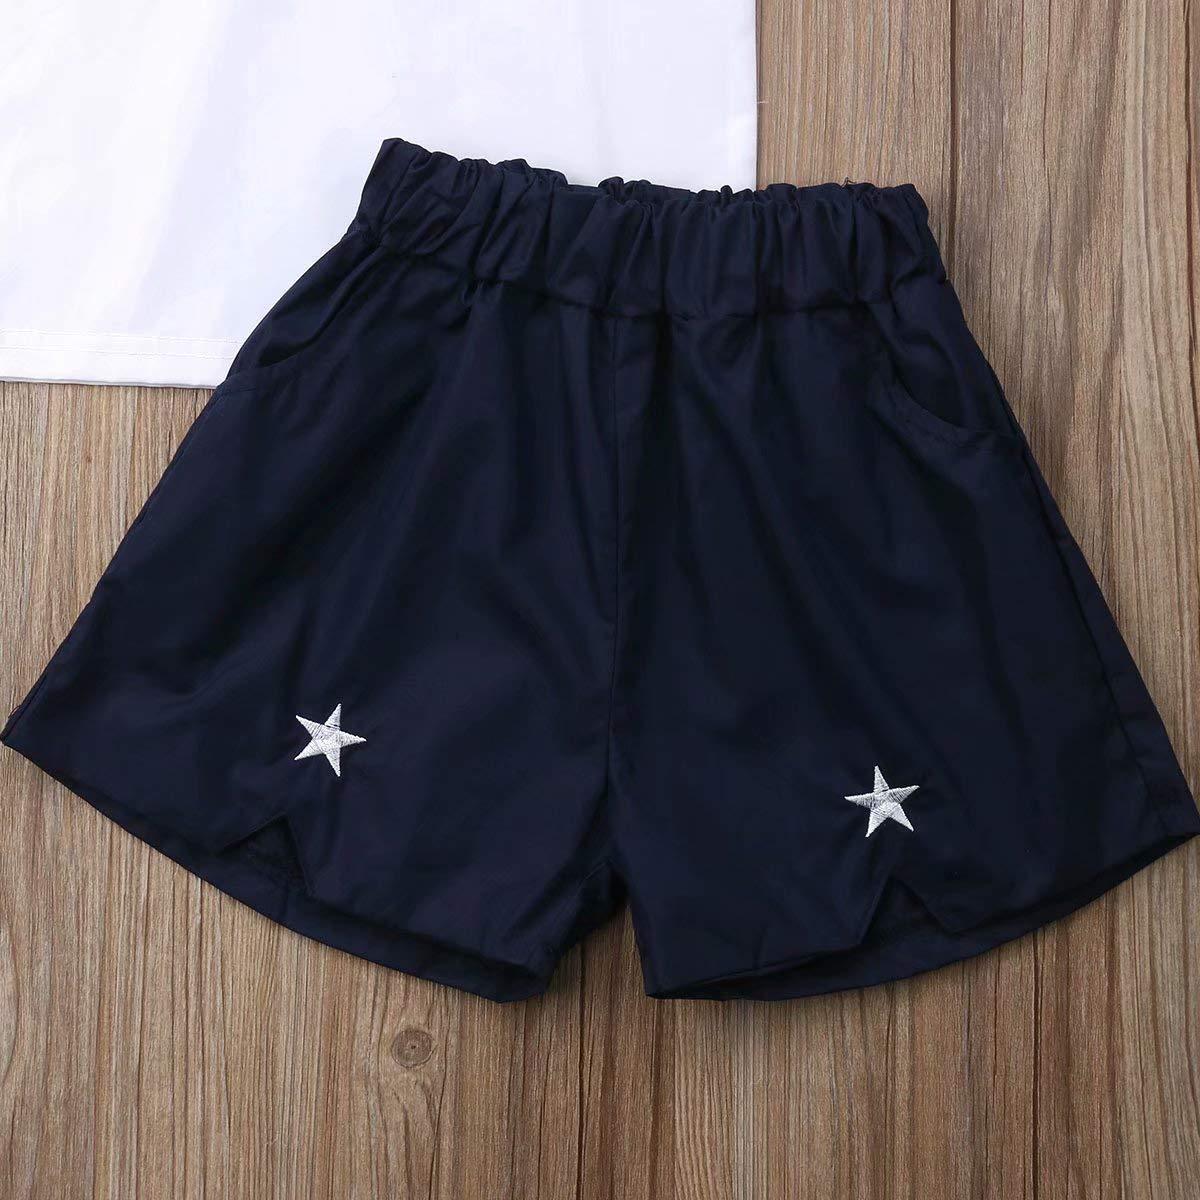 Kids Infant Baby Girls Summer 2Pcs Outfit Halter Short Sleeve Off Shoulder Tops Shorts Clothes Set